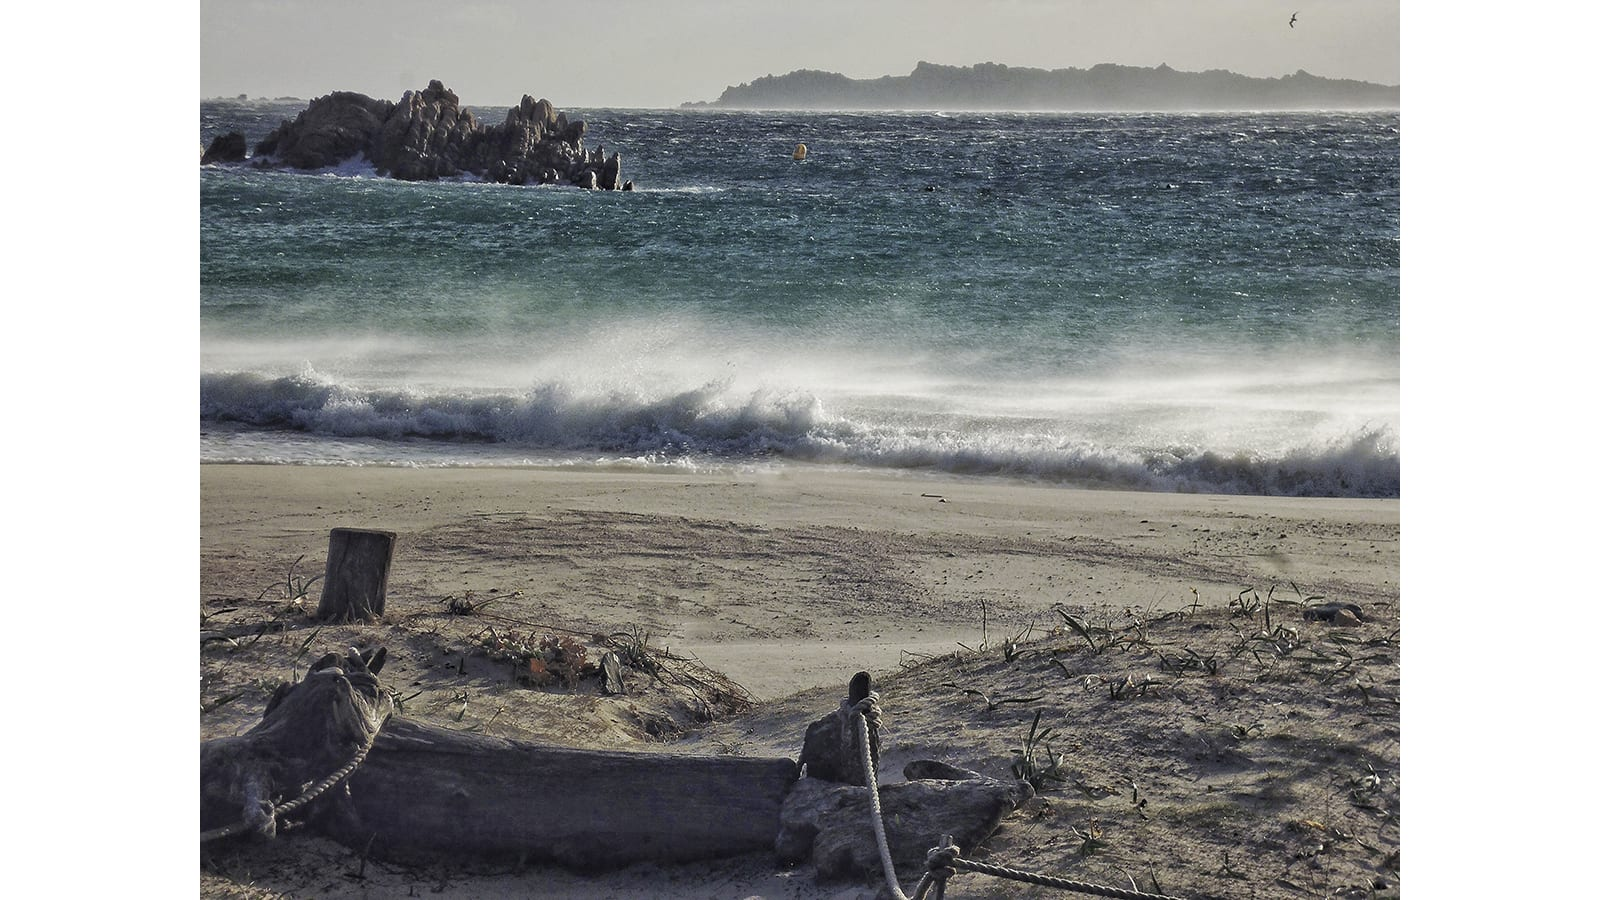 ناسك إيطالي يصف حياة العزلة على جزيرة بوديلي